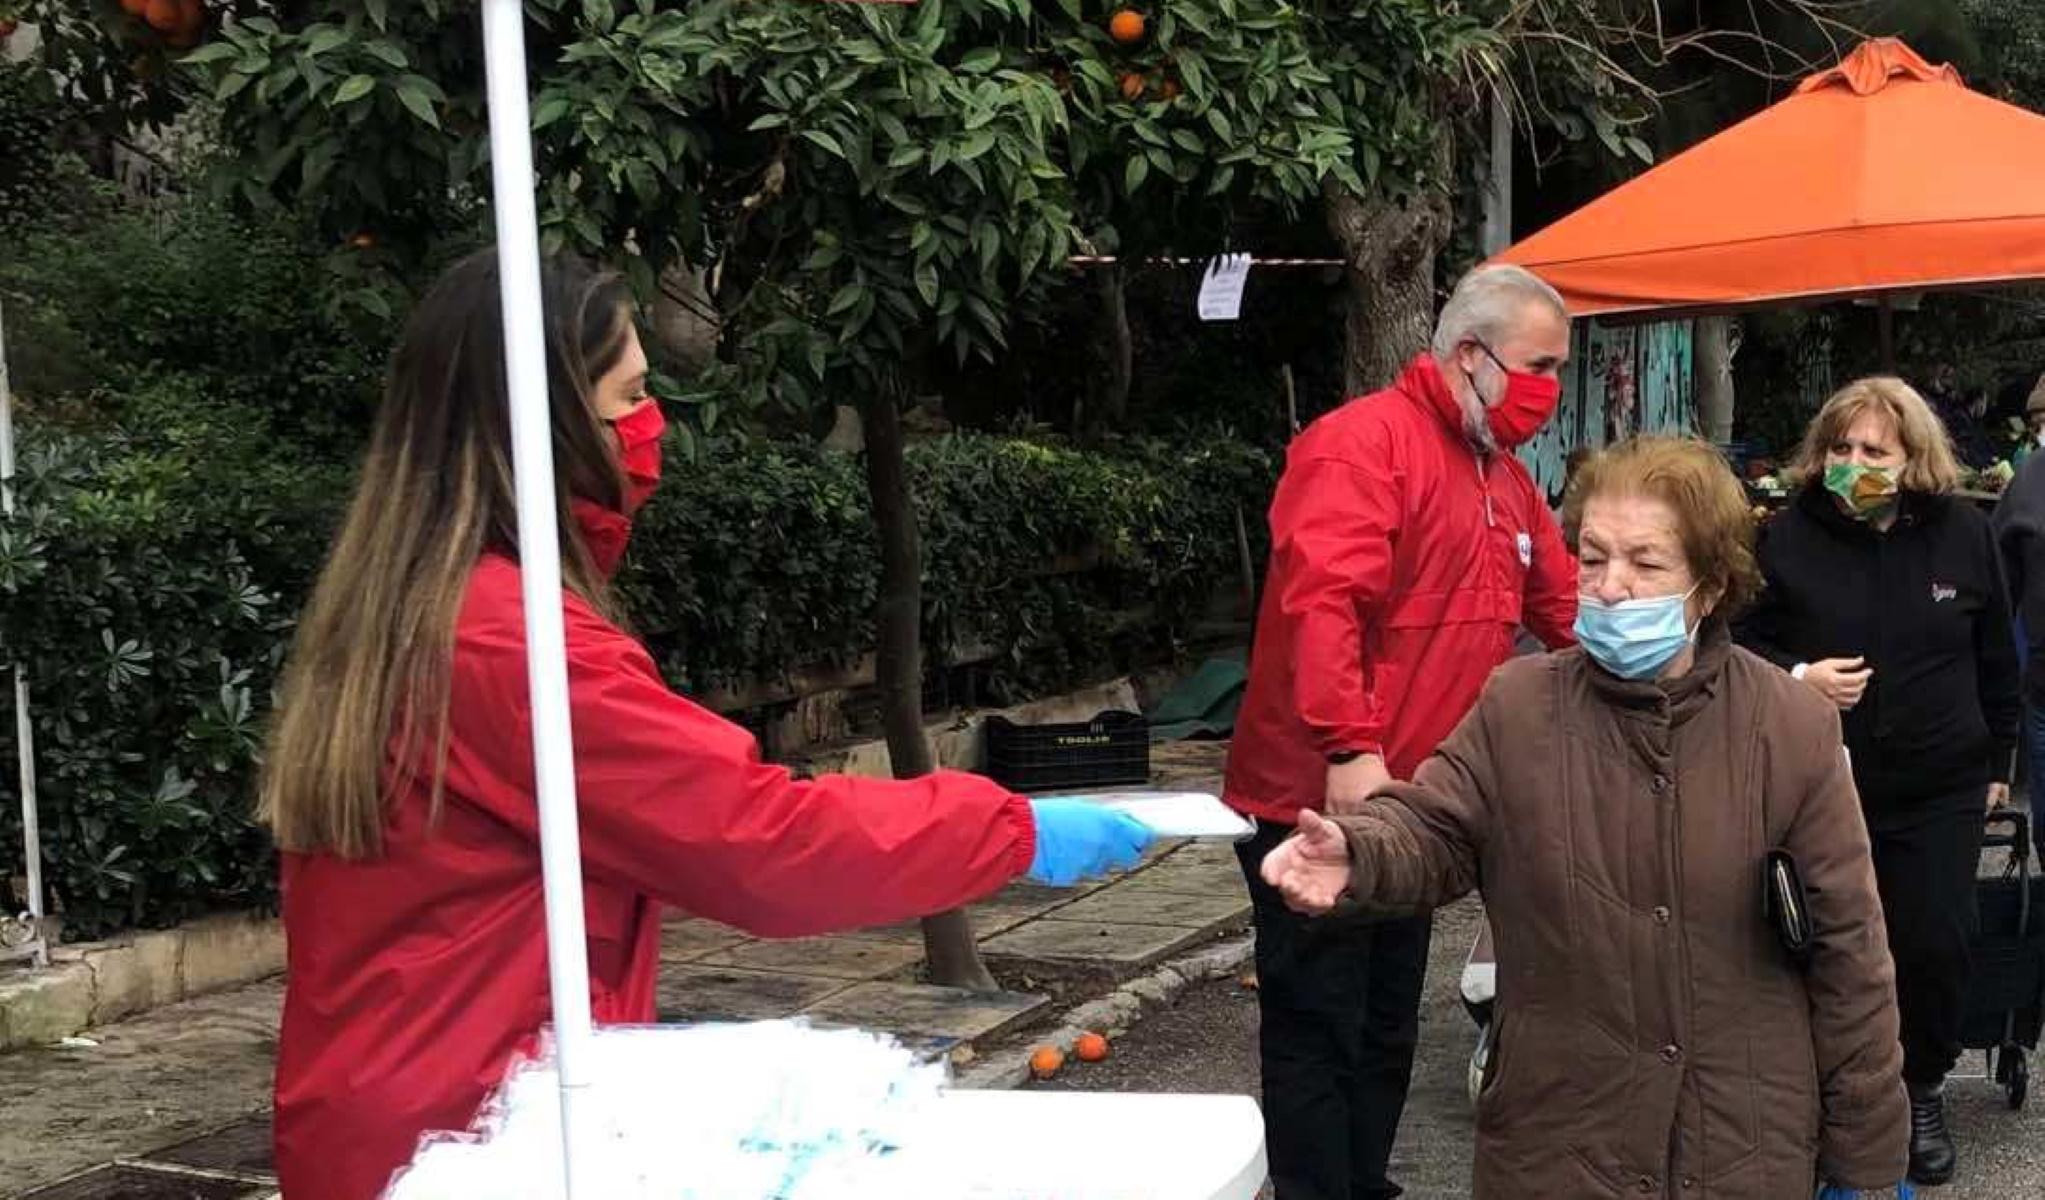 Δήμος Πειραιά: Μοίρασε 100.000 μάσκες σε πολίτες